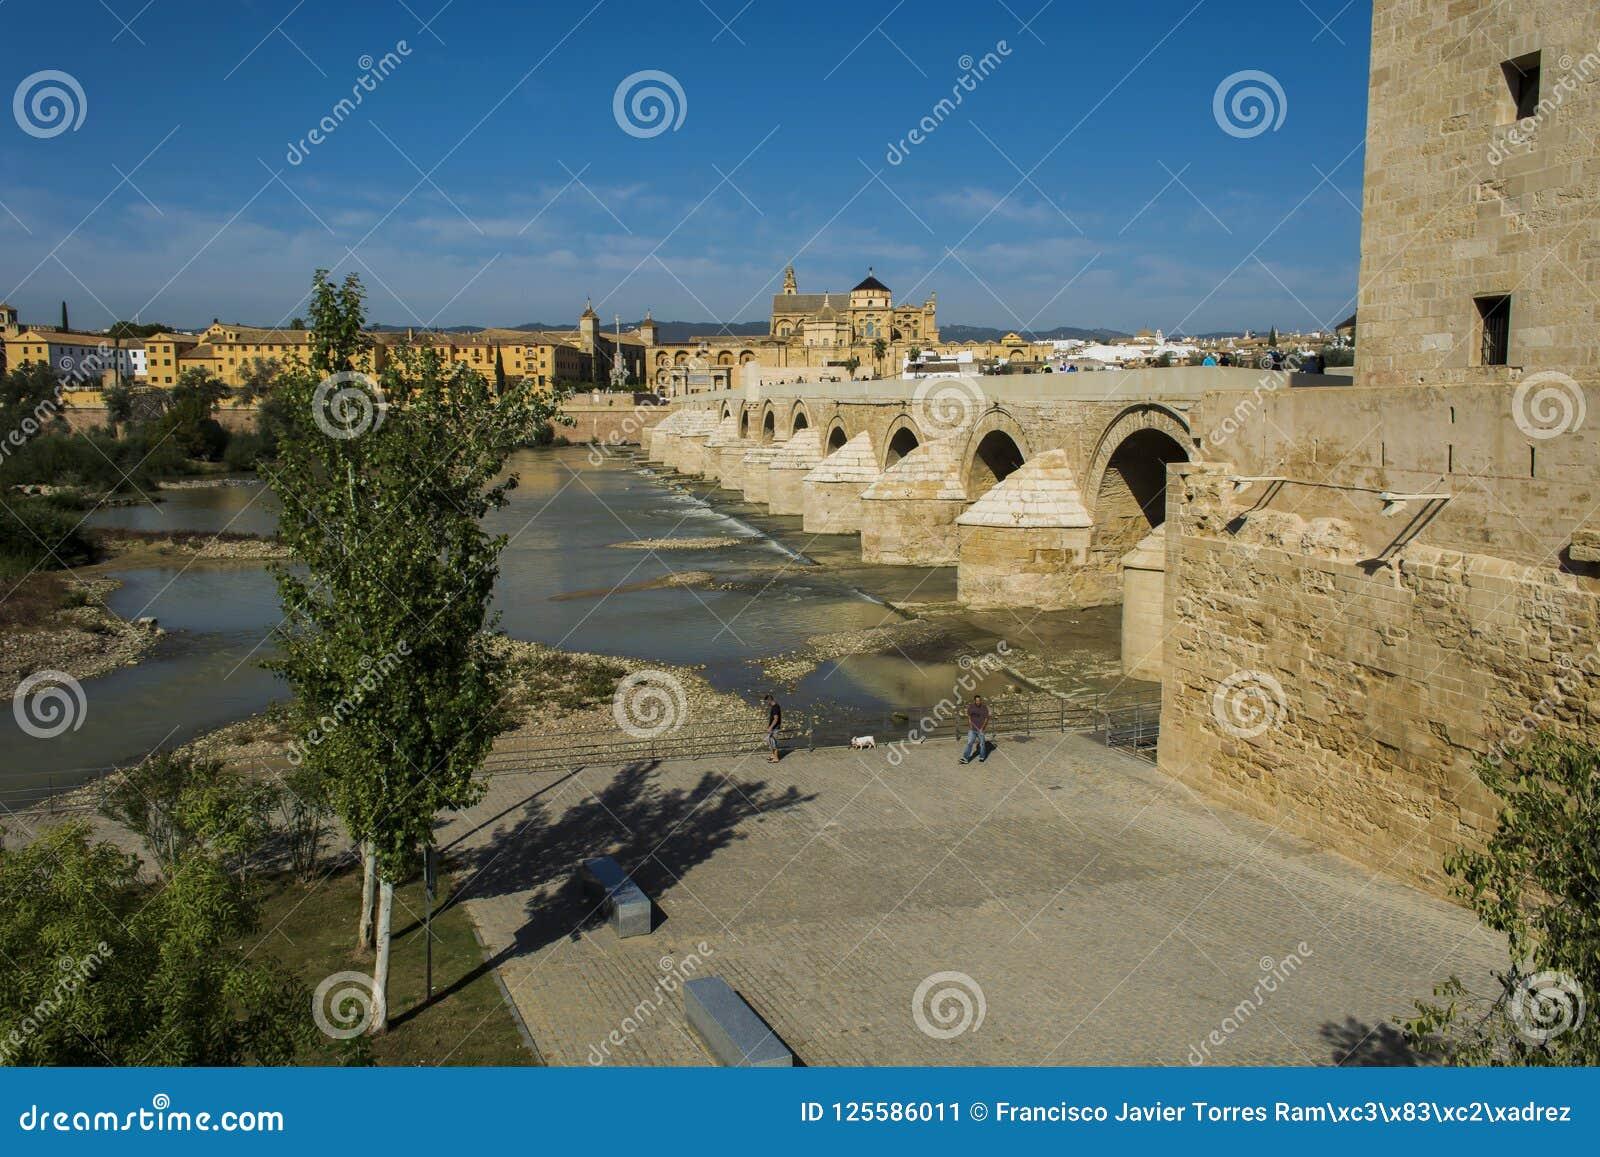 Moschee und römische Brücke von Cordoba